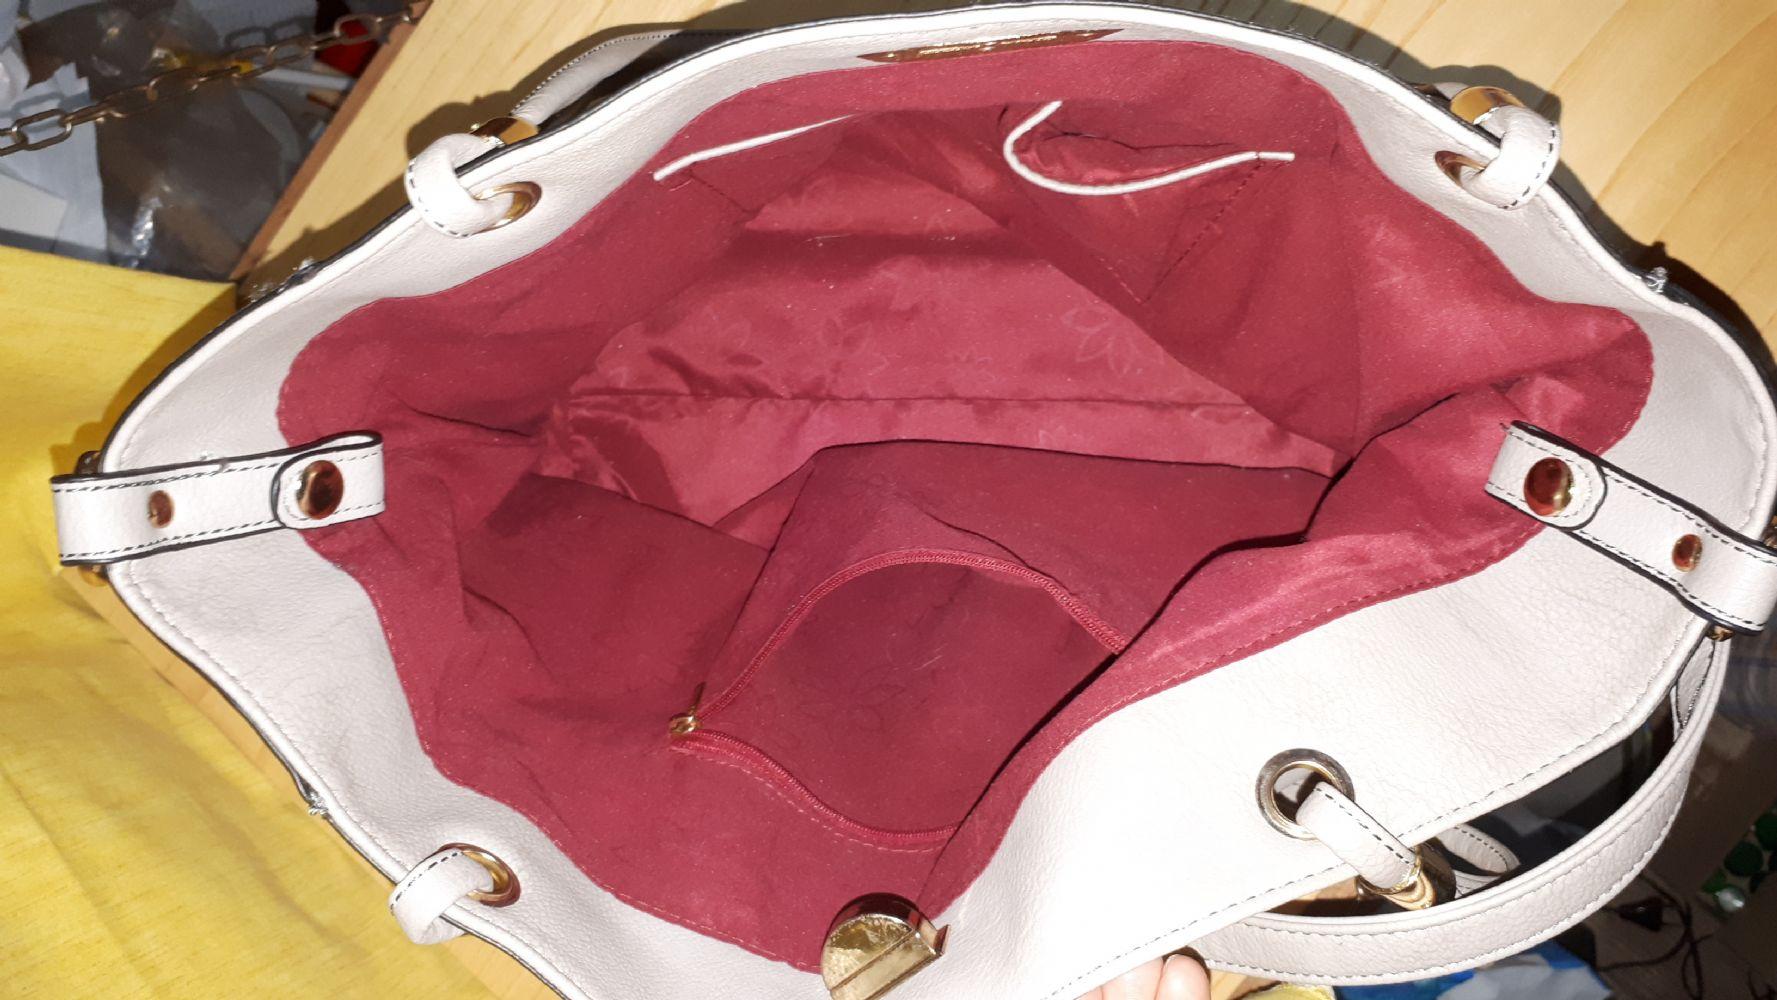 337cb4ae99 Descrizione:Borsa Carpisa in ottime condizioni generali con annessa un  altra borsa che sta all'interno. La tracolla può essere utilizzata per  entrambe le ...